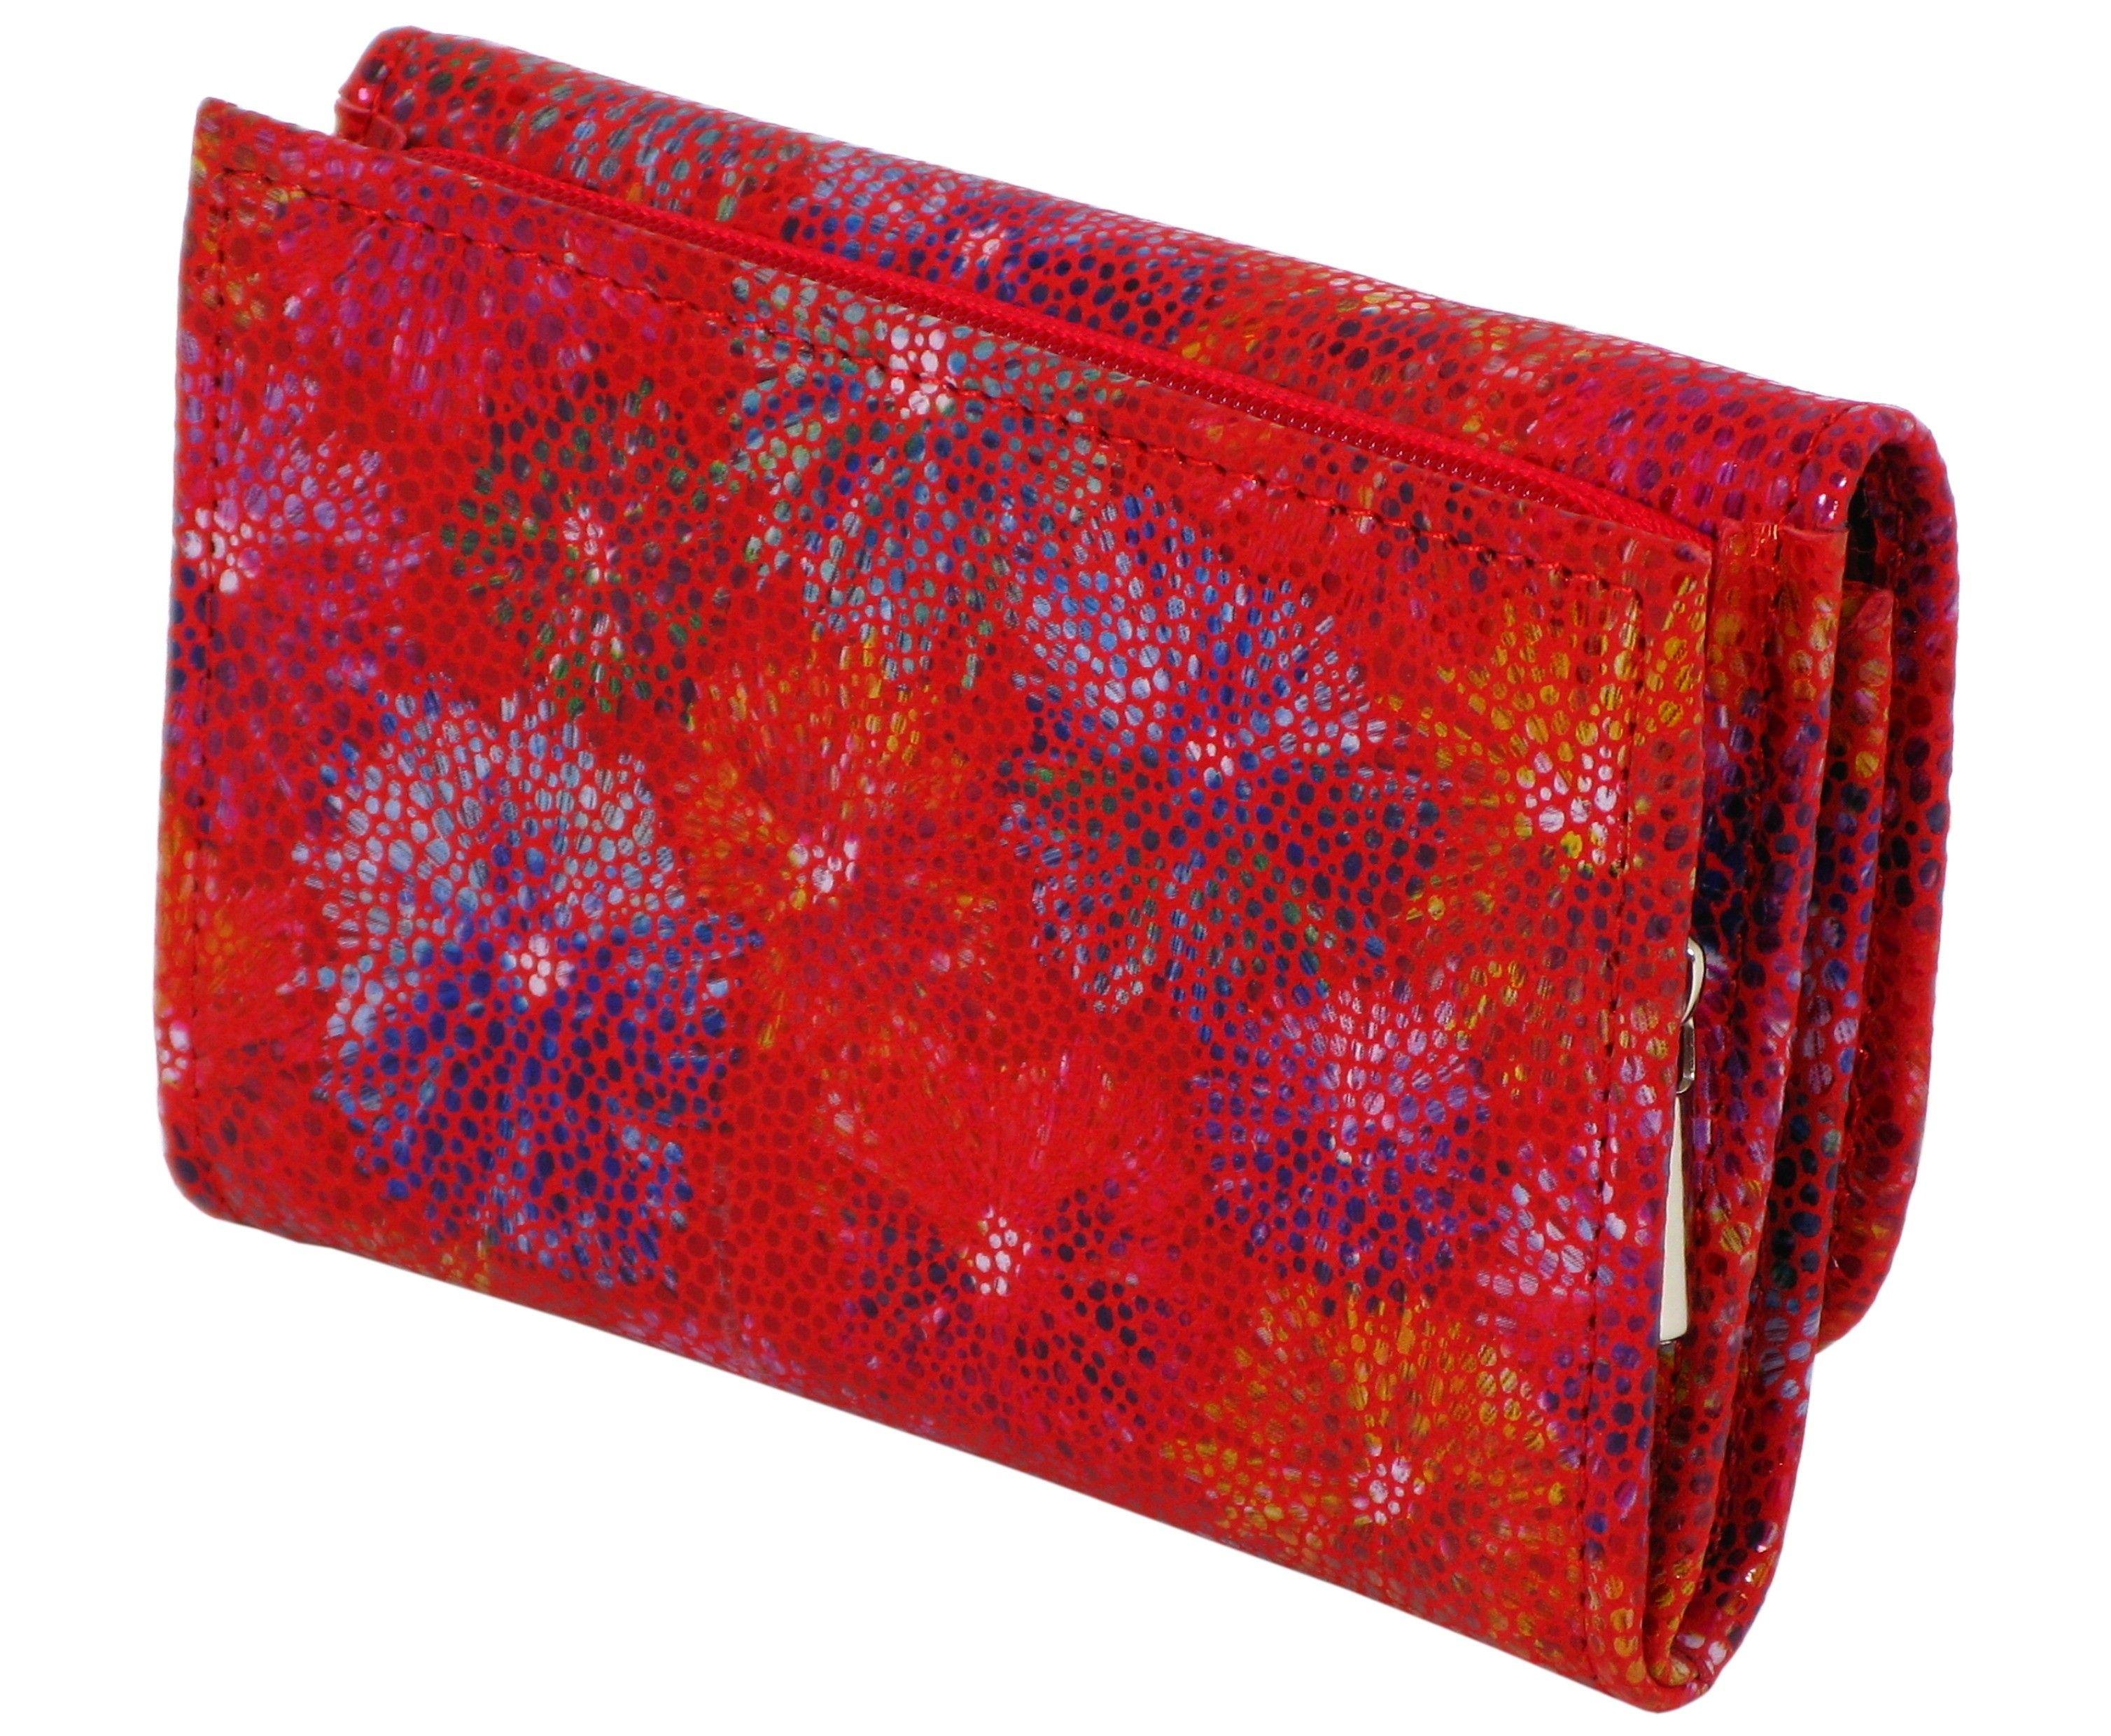 35c012f252219 Damski portfel skórzany 1601 czerwony kwiaty RFID Damski portfel skórzany  1601 czerwony kwiaty RFID ...